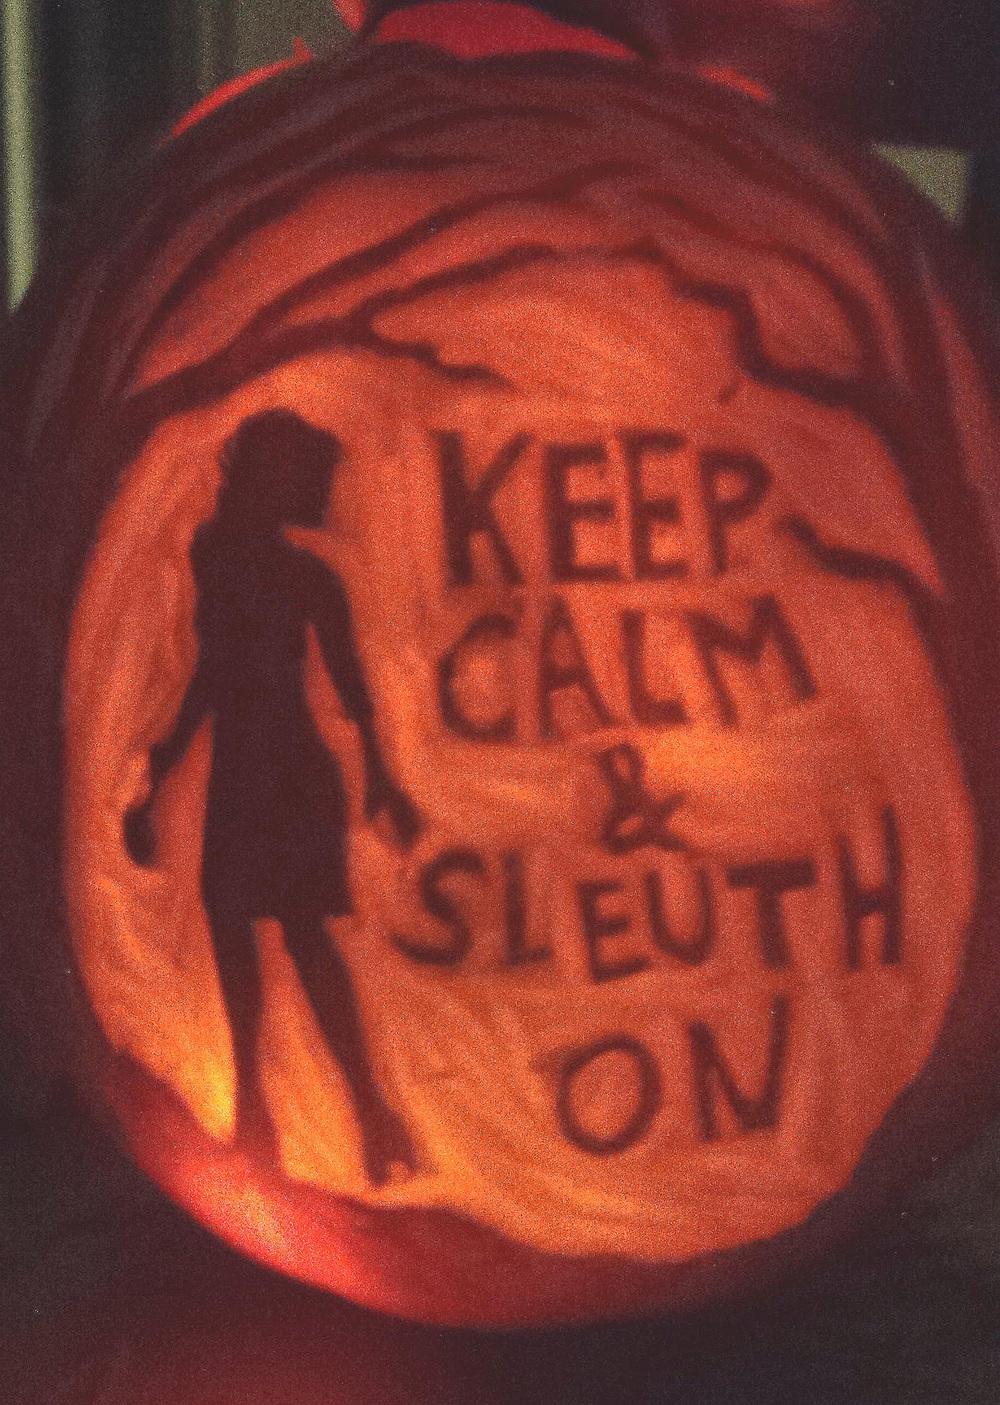 pumpkin_13_meganlittle.jpg